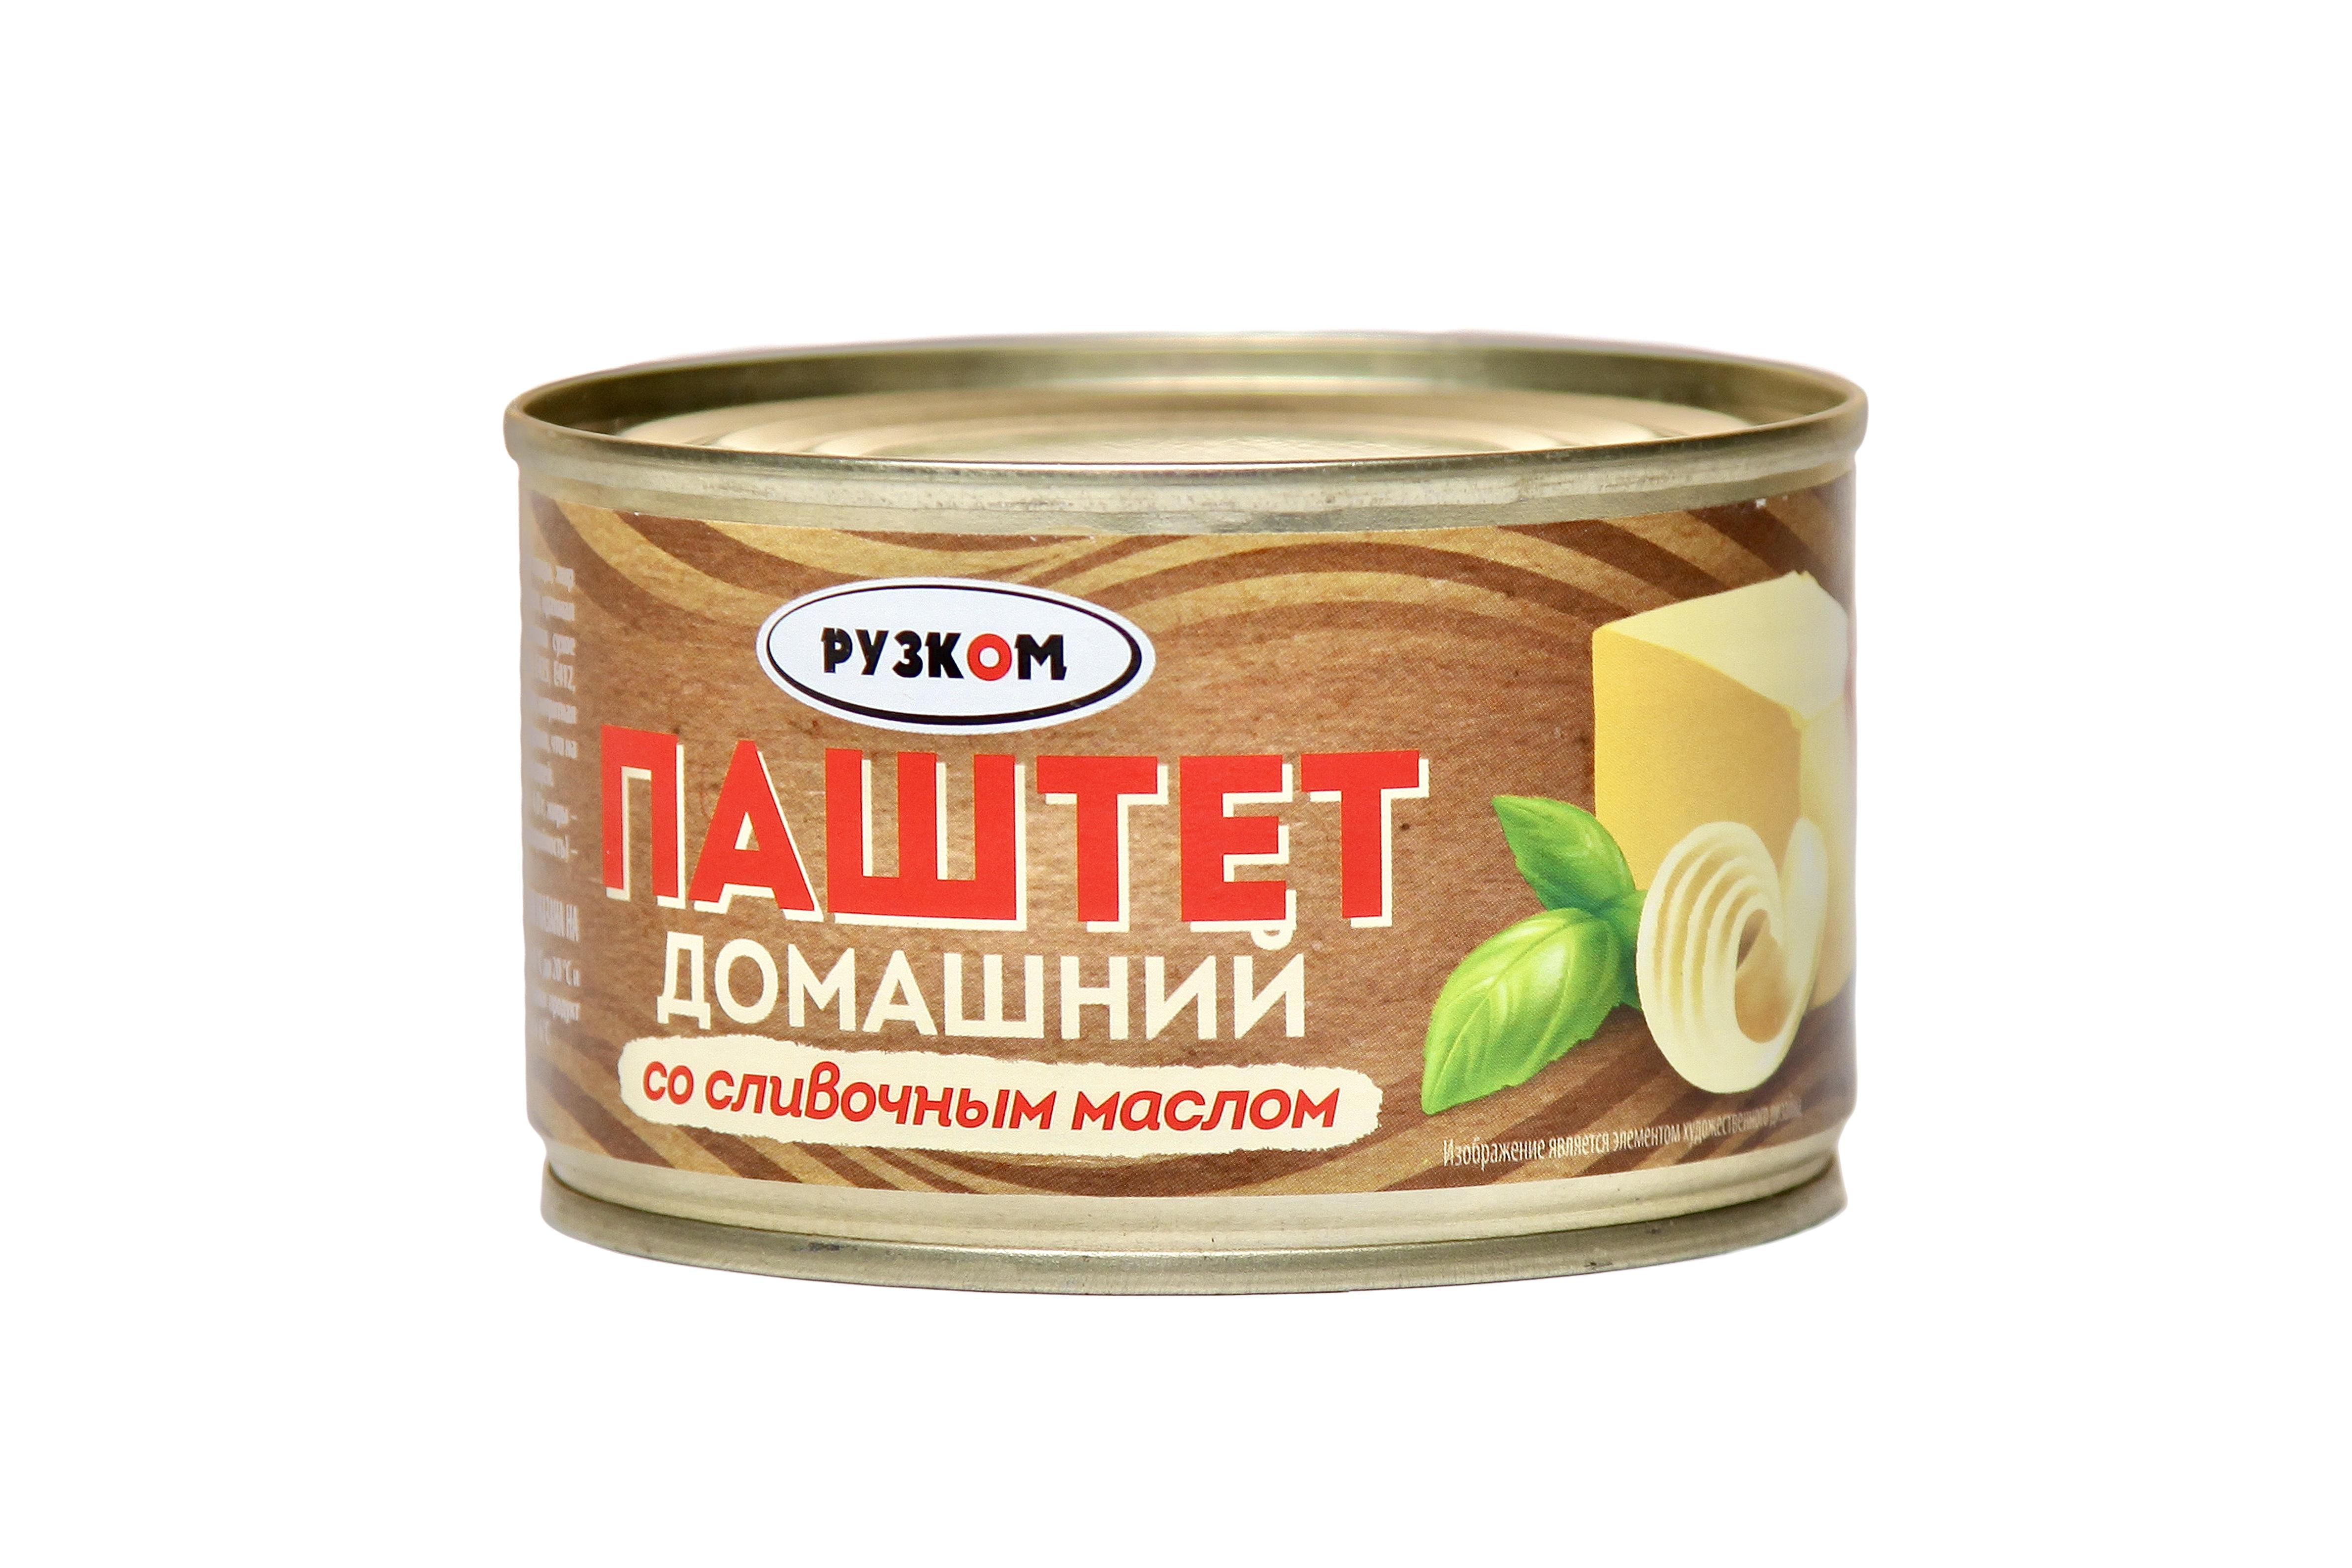 Паштет «Домашний» со сливочным масло